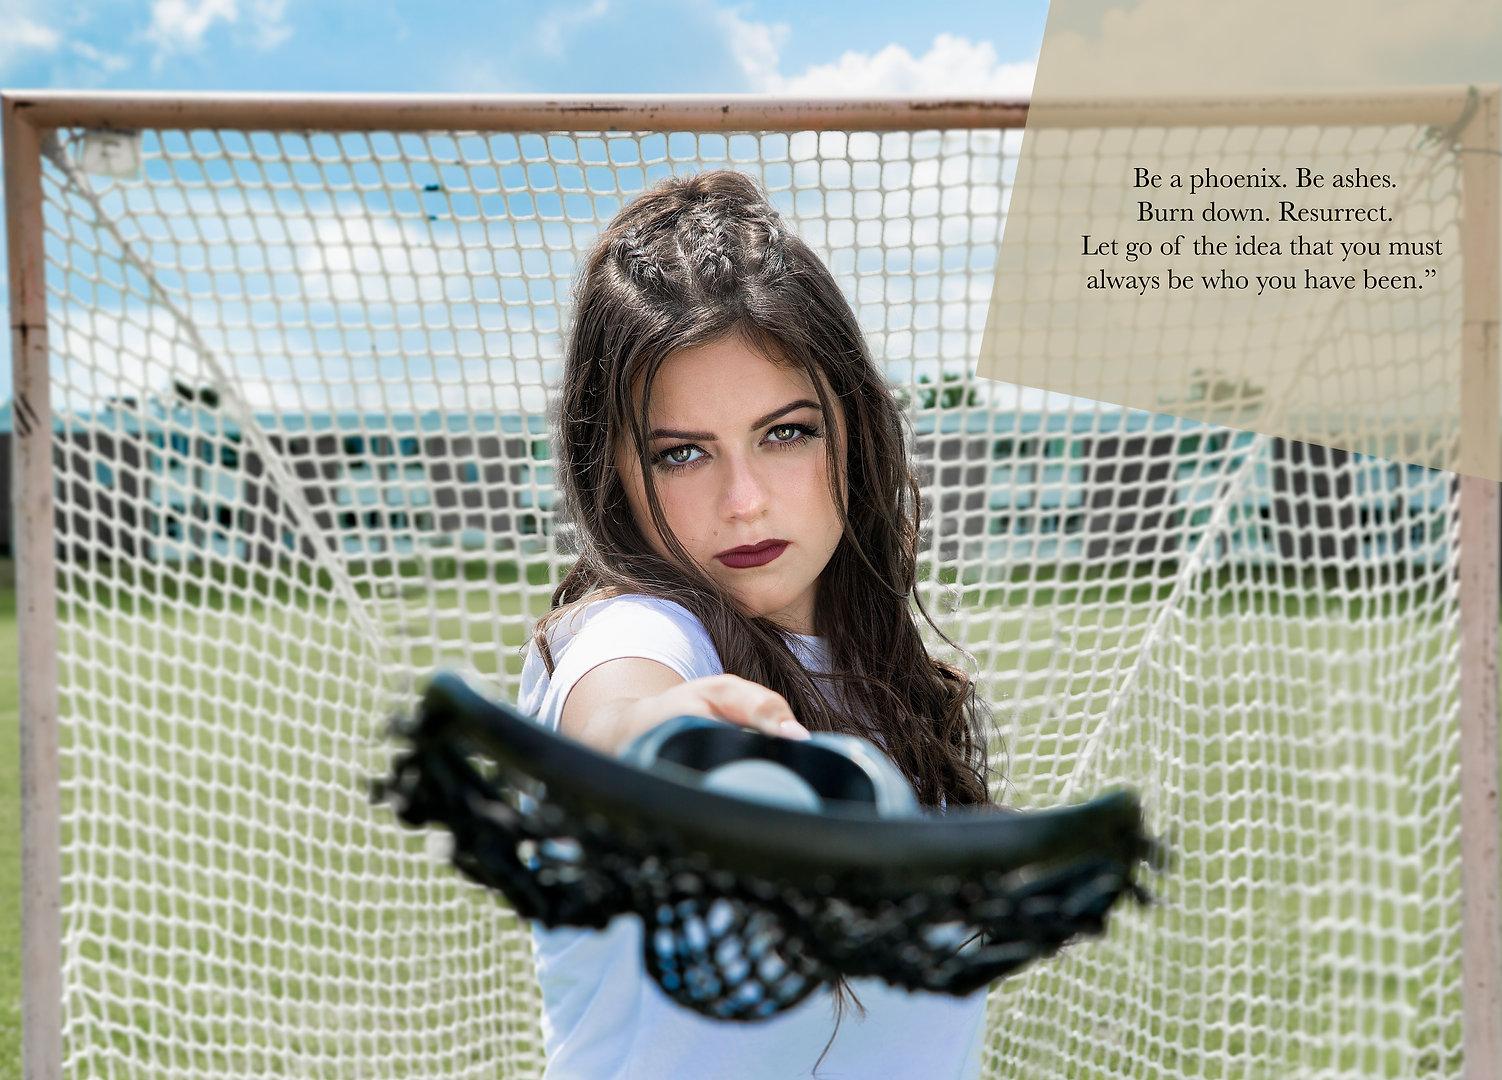 Olivia-web2.jpg